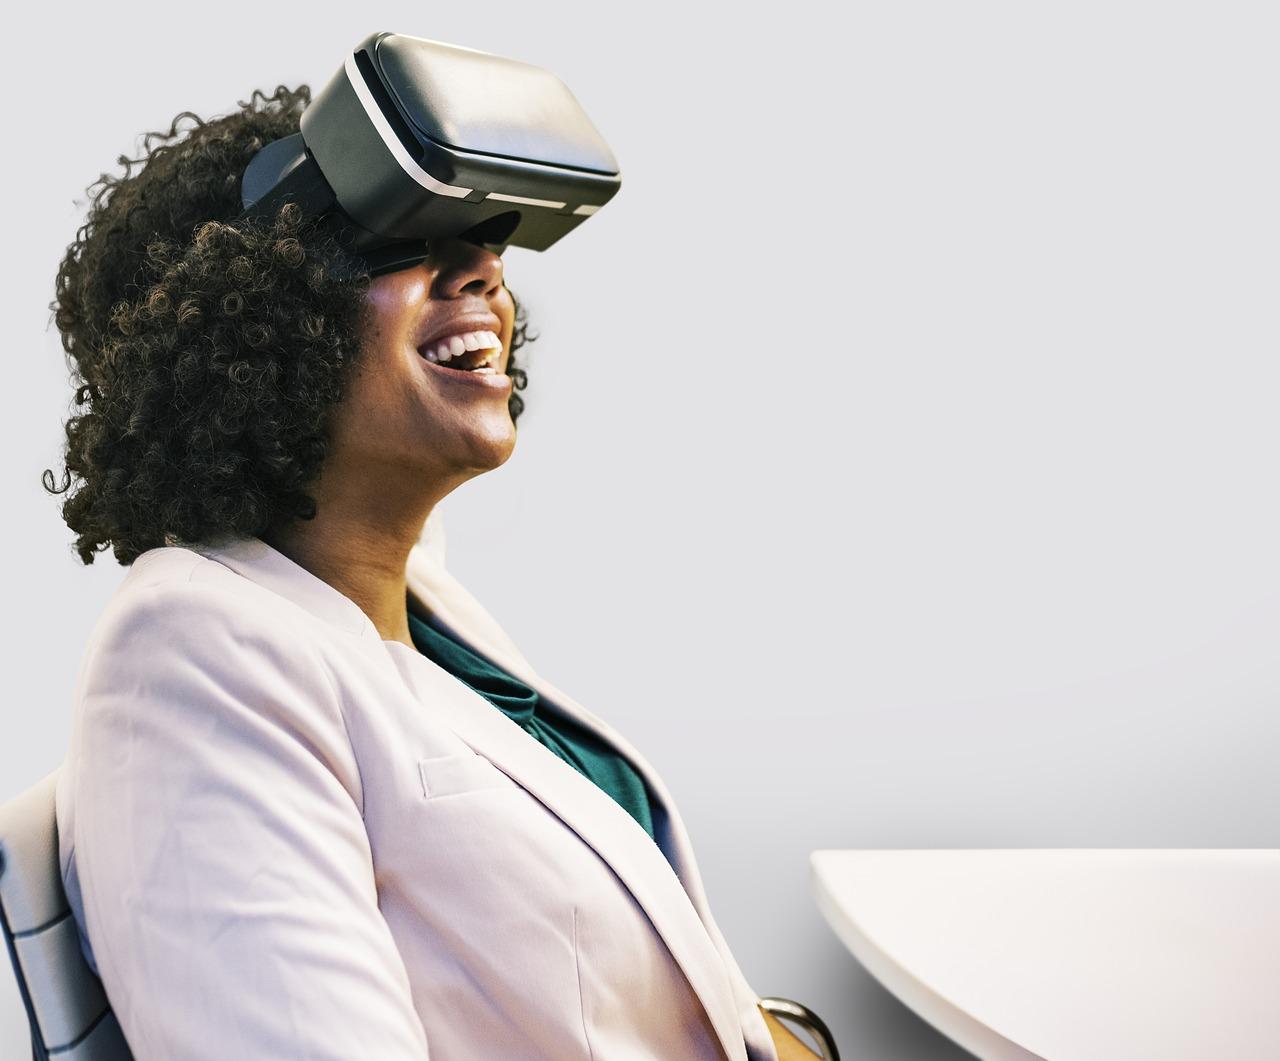 VRを楽しむ女性の画像